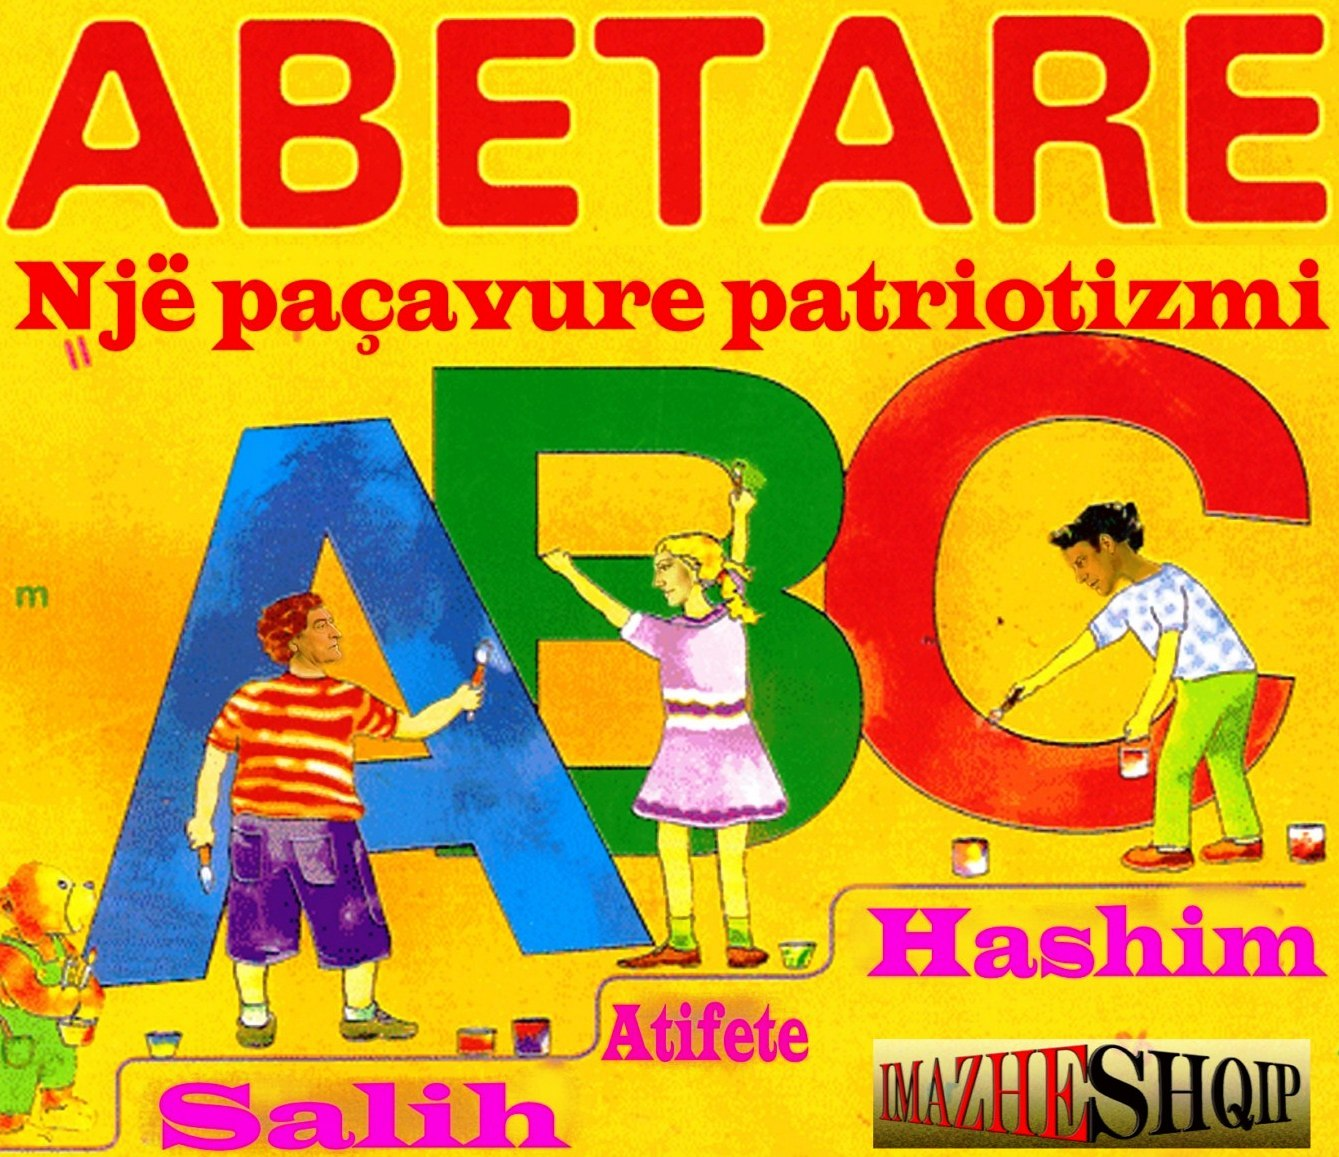 Abetare Shqip Pacavure Patriotizmi